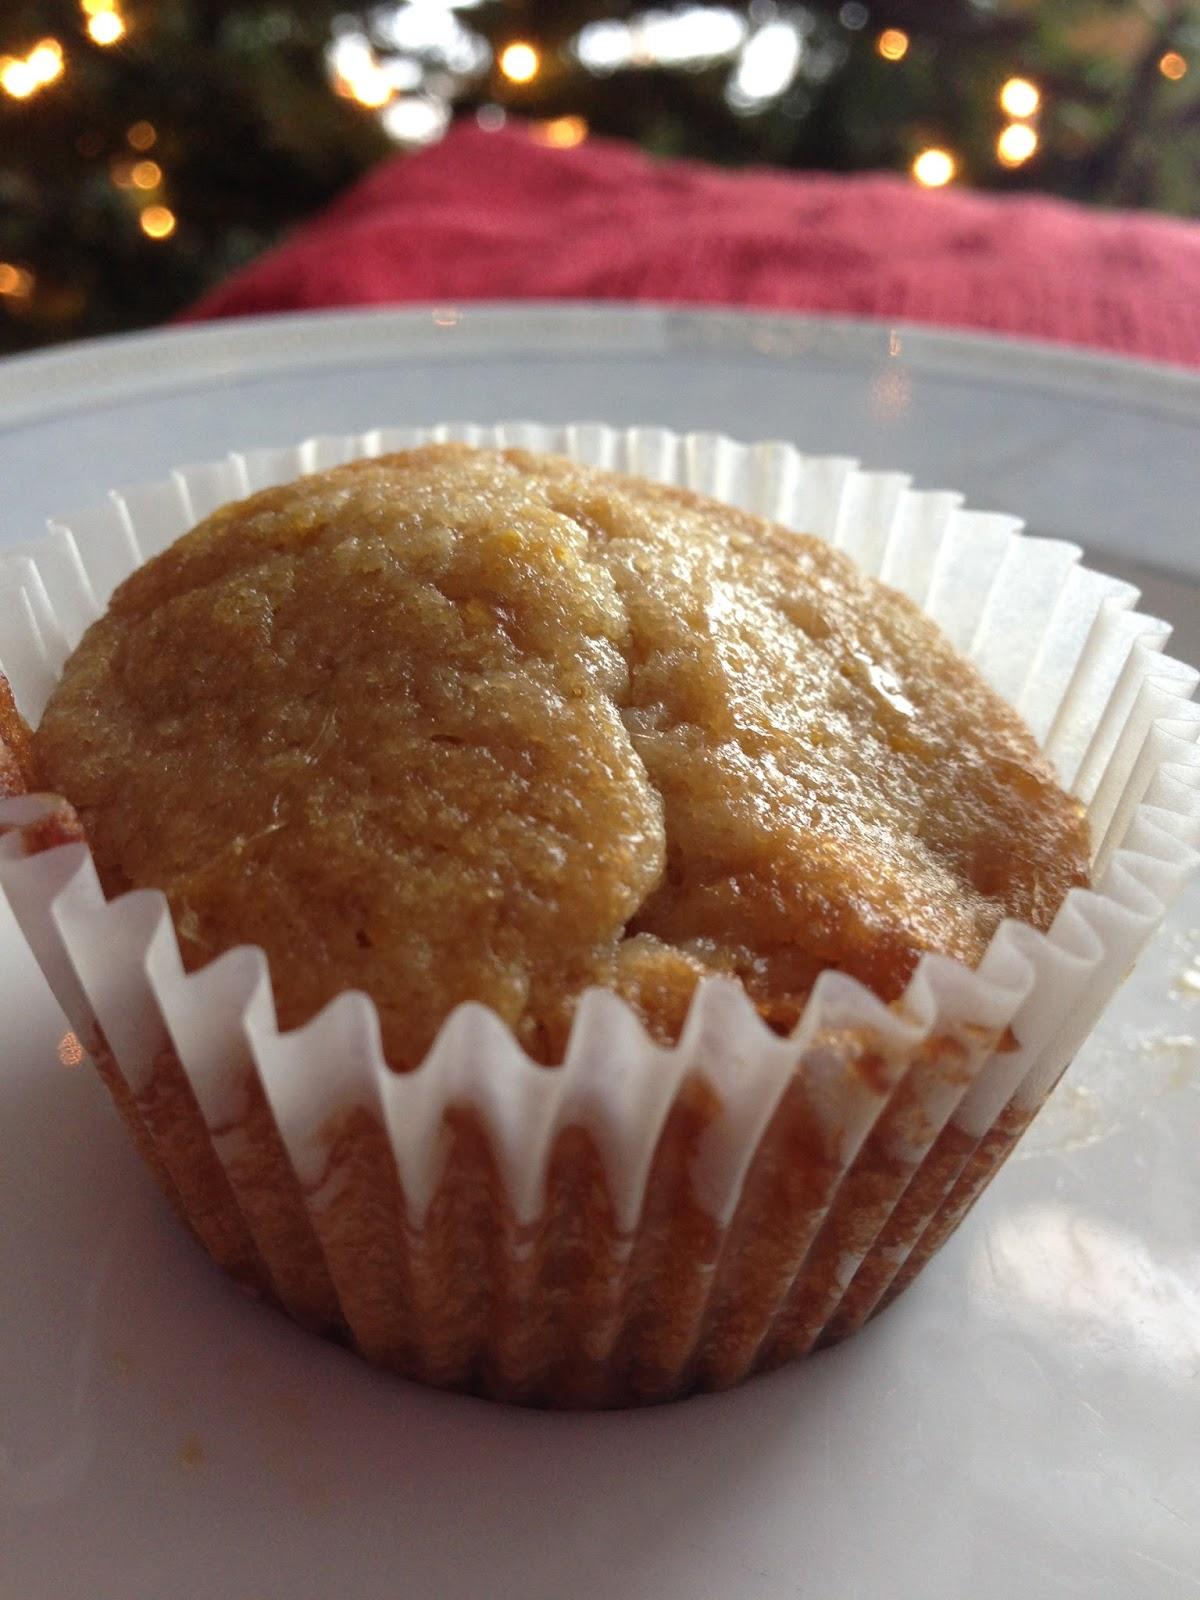 Orange Muffins with Brown Sugar Glaze = YUM!!